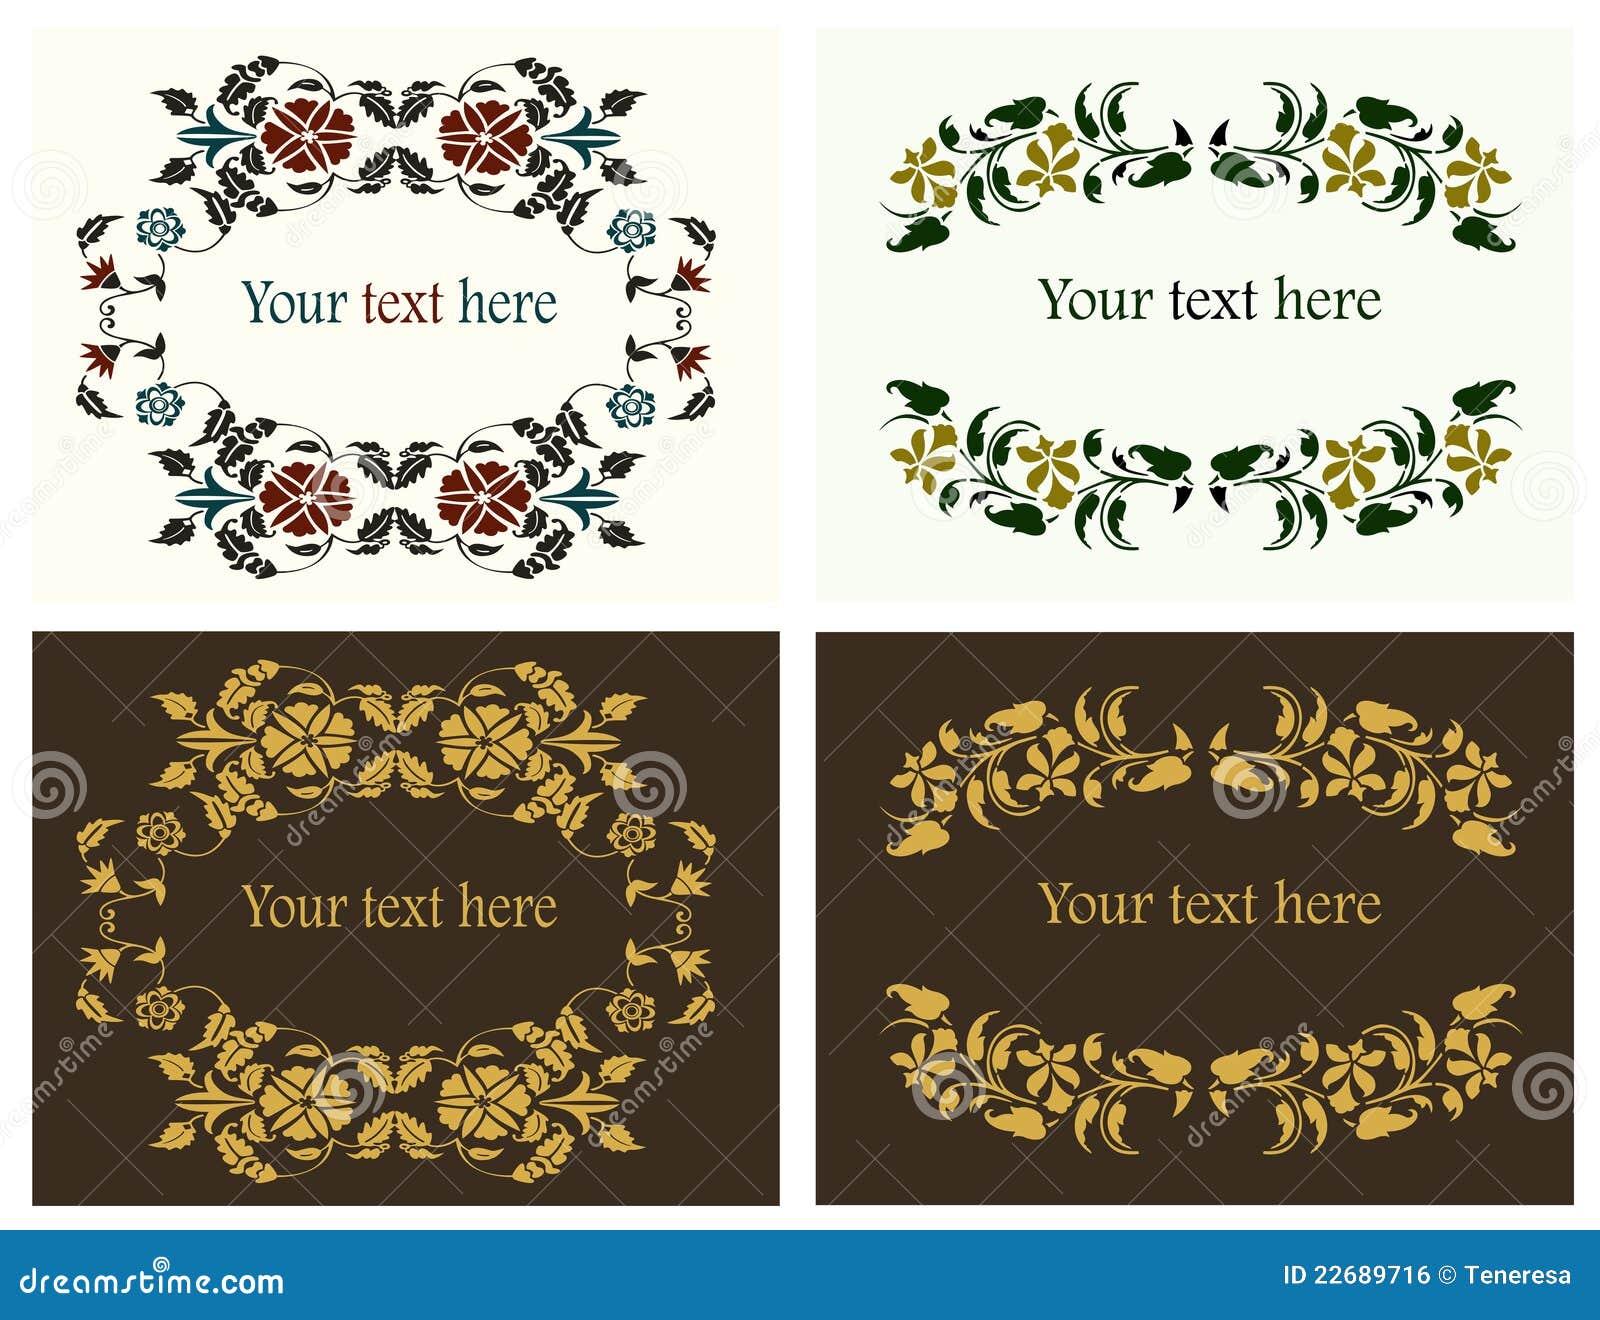 Bordi decorativi del fiore impostati illustrazione for Bordi decorativi